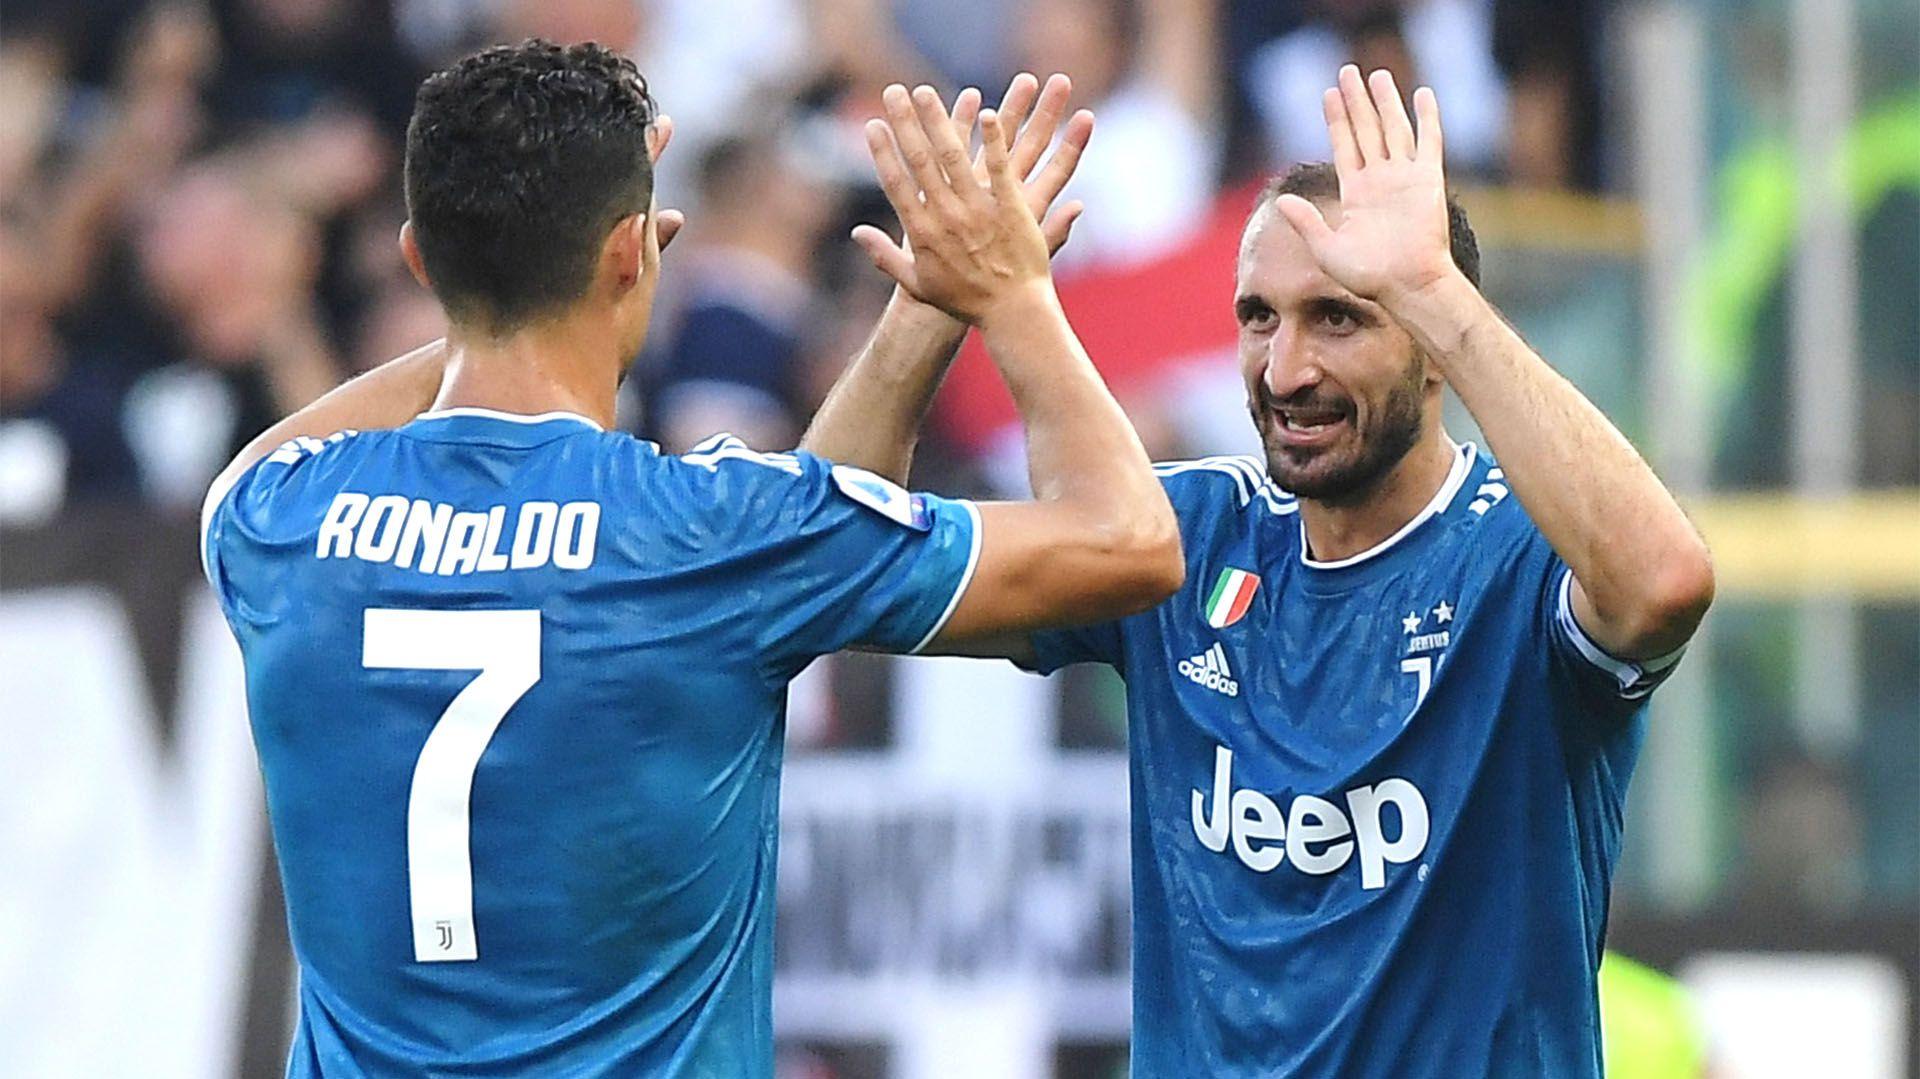 Chiellini defendió a Ronaldo - REUTERS/Alberto Lingria